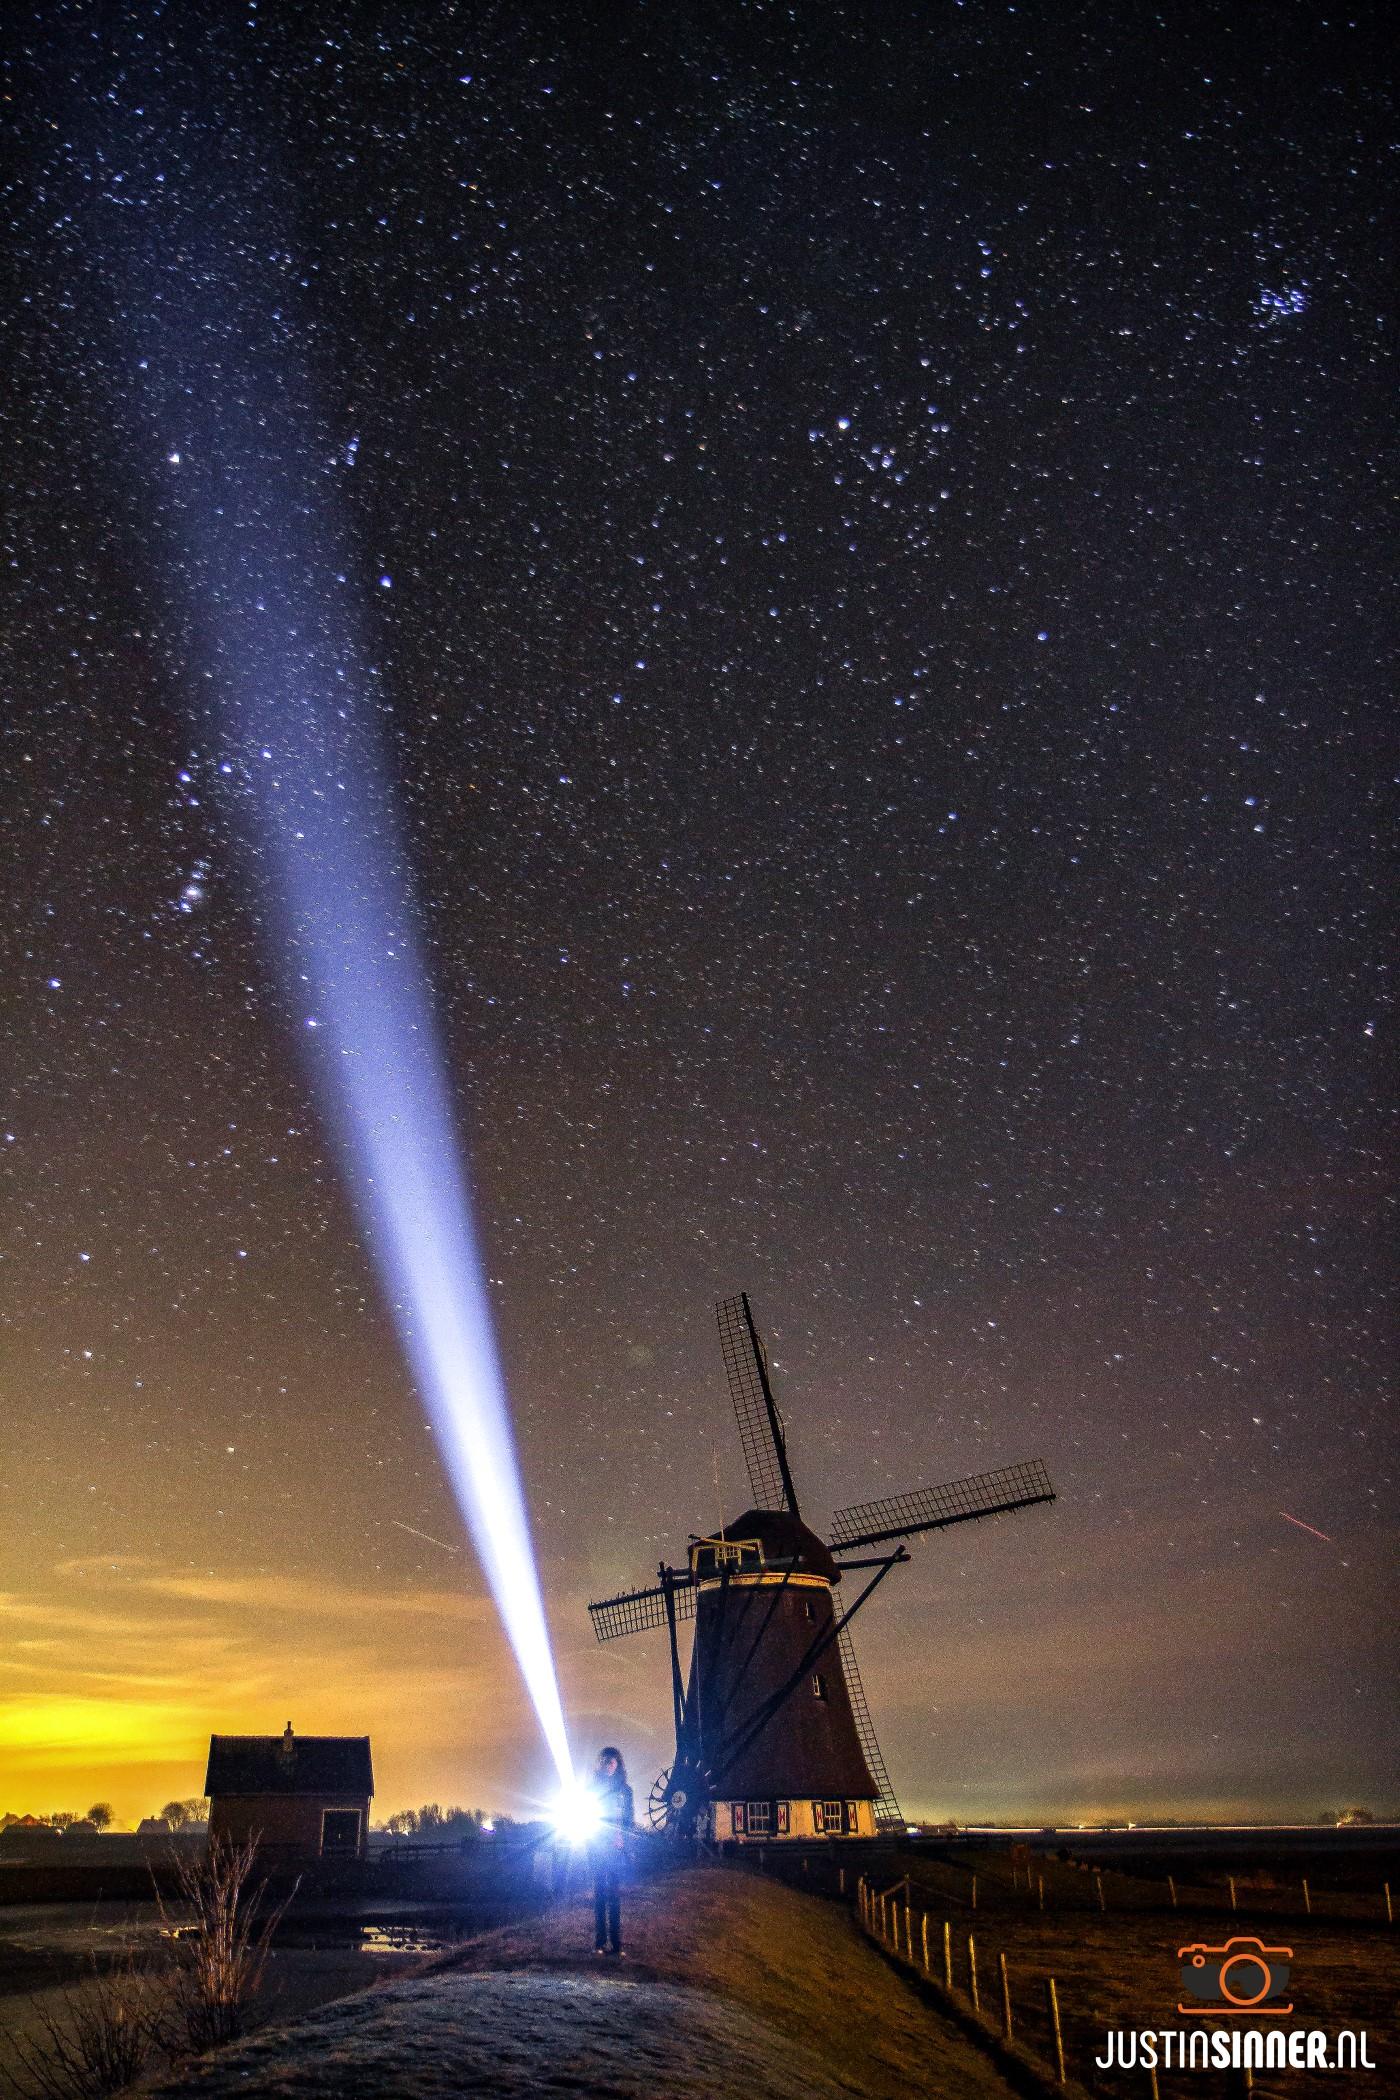 """Jamila met zaklamp bij moeln """"het Noorden op Texel / jamila with flashlight near windmill the North on Texel"""